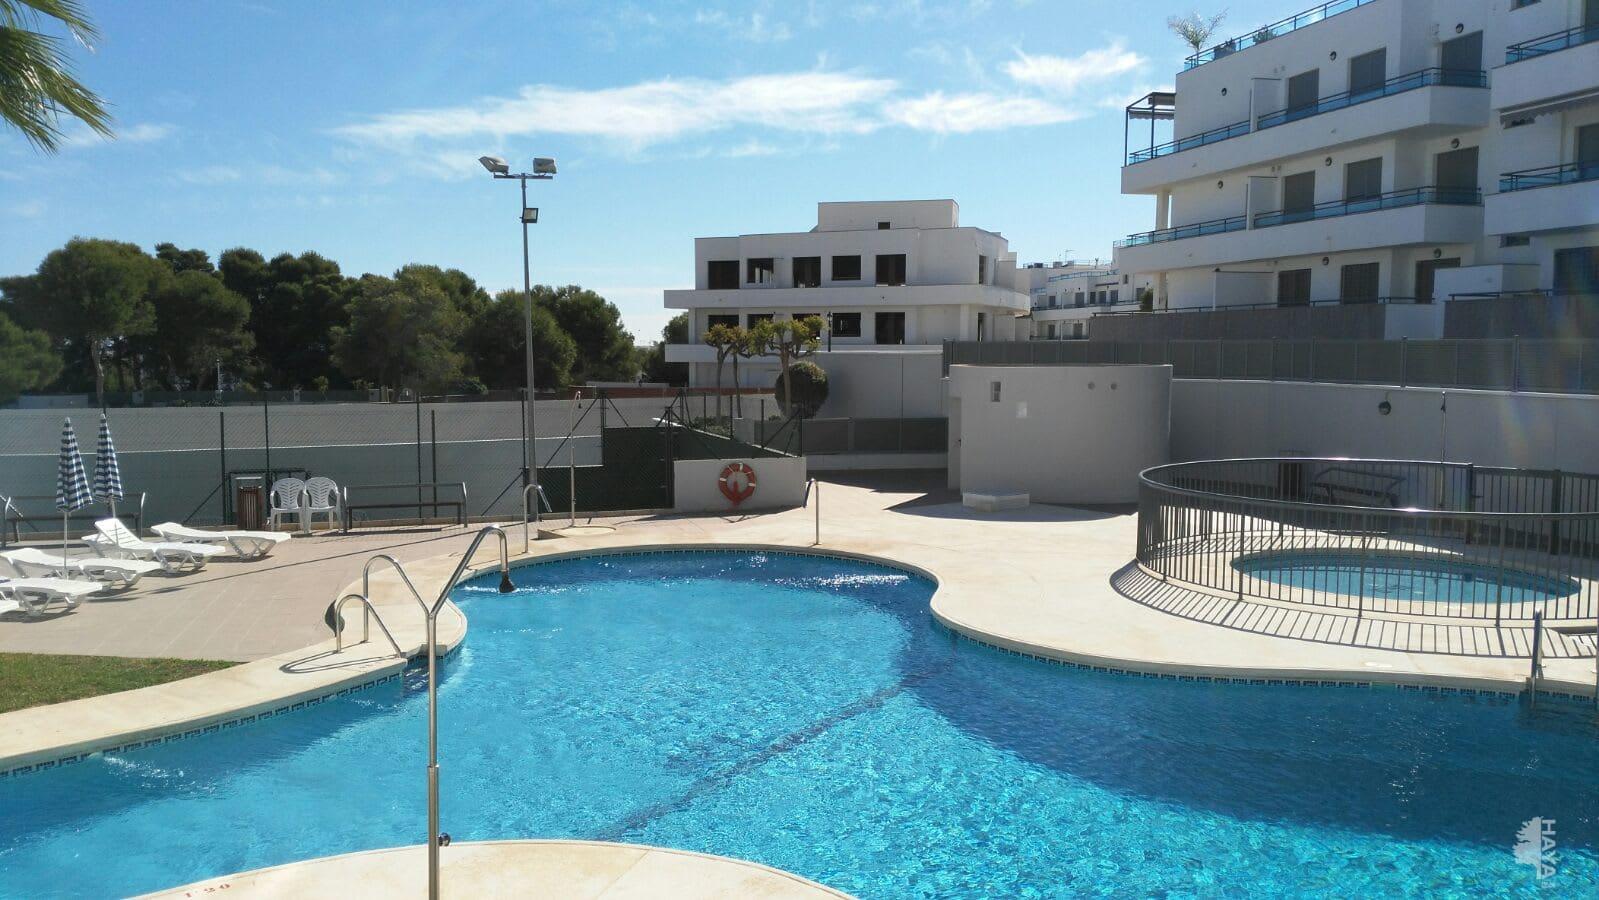 Piso en venta en Garrucha, Garrucha, Almería, Calle Murillo, 98.300 €, 2 habitaciones, 2 baños, 74 m2